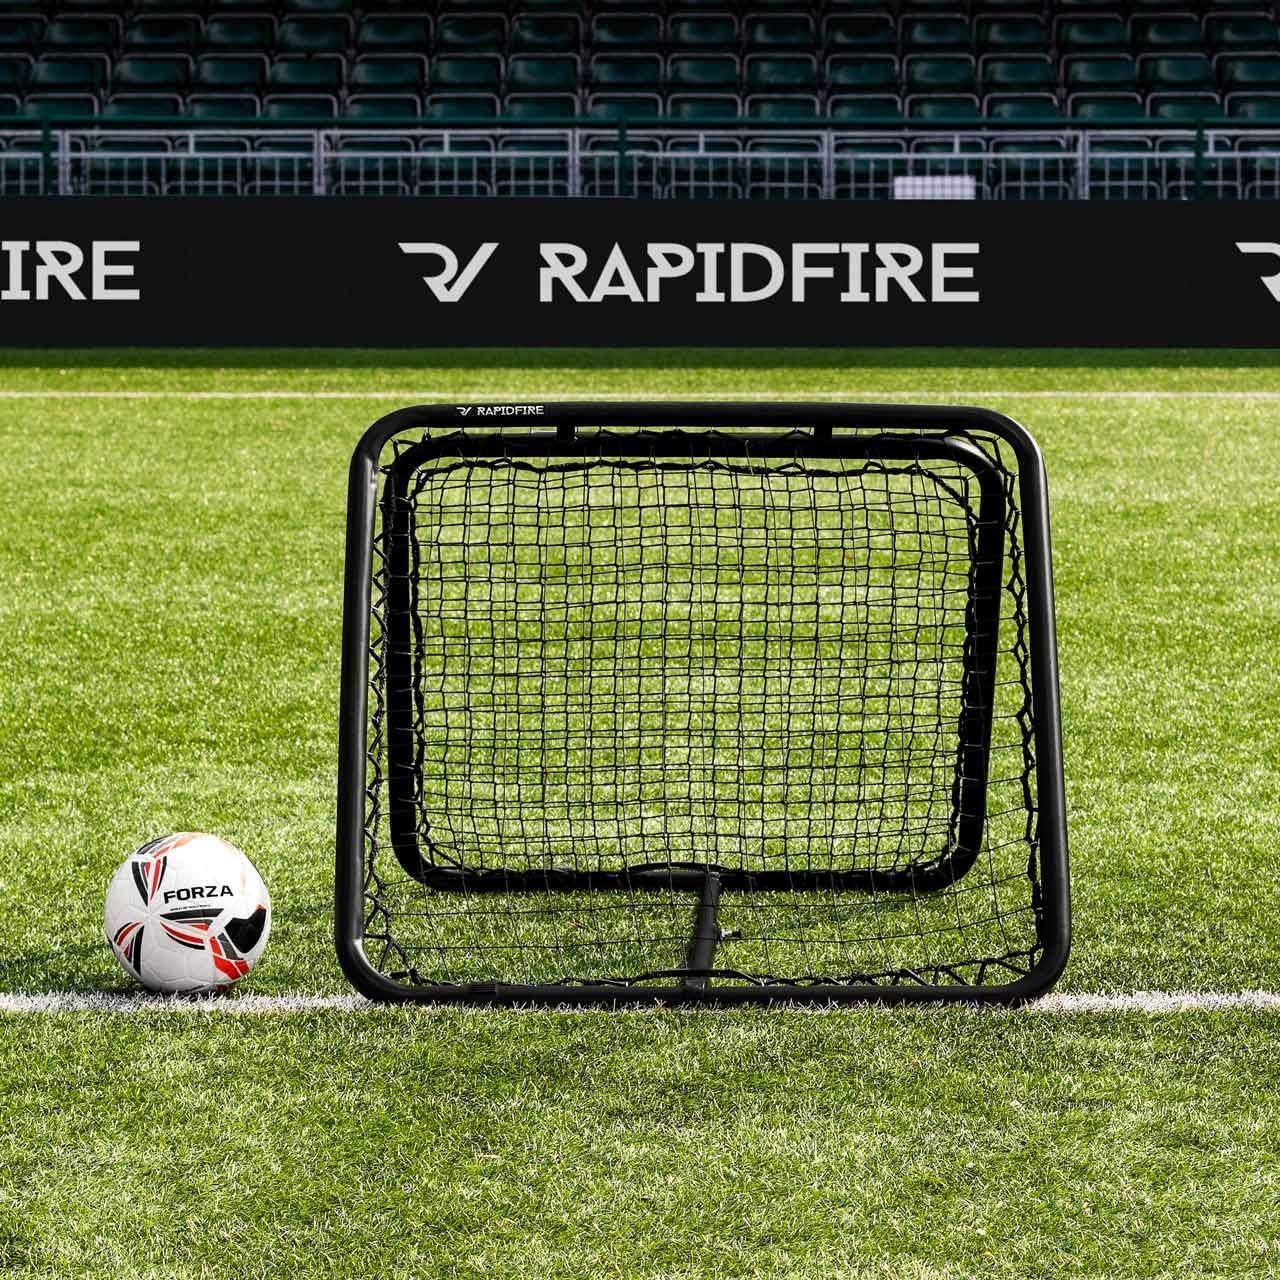 RapidFire Redes de Rebote para Entrenamiento de Fútbol - Redes ...